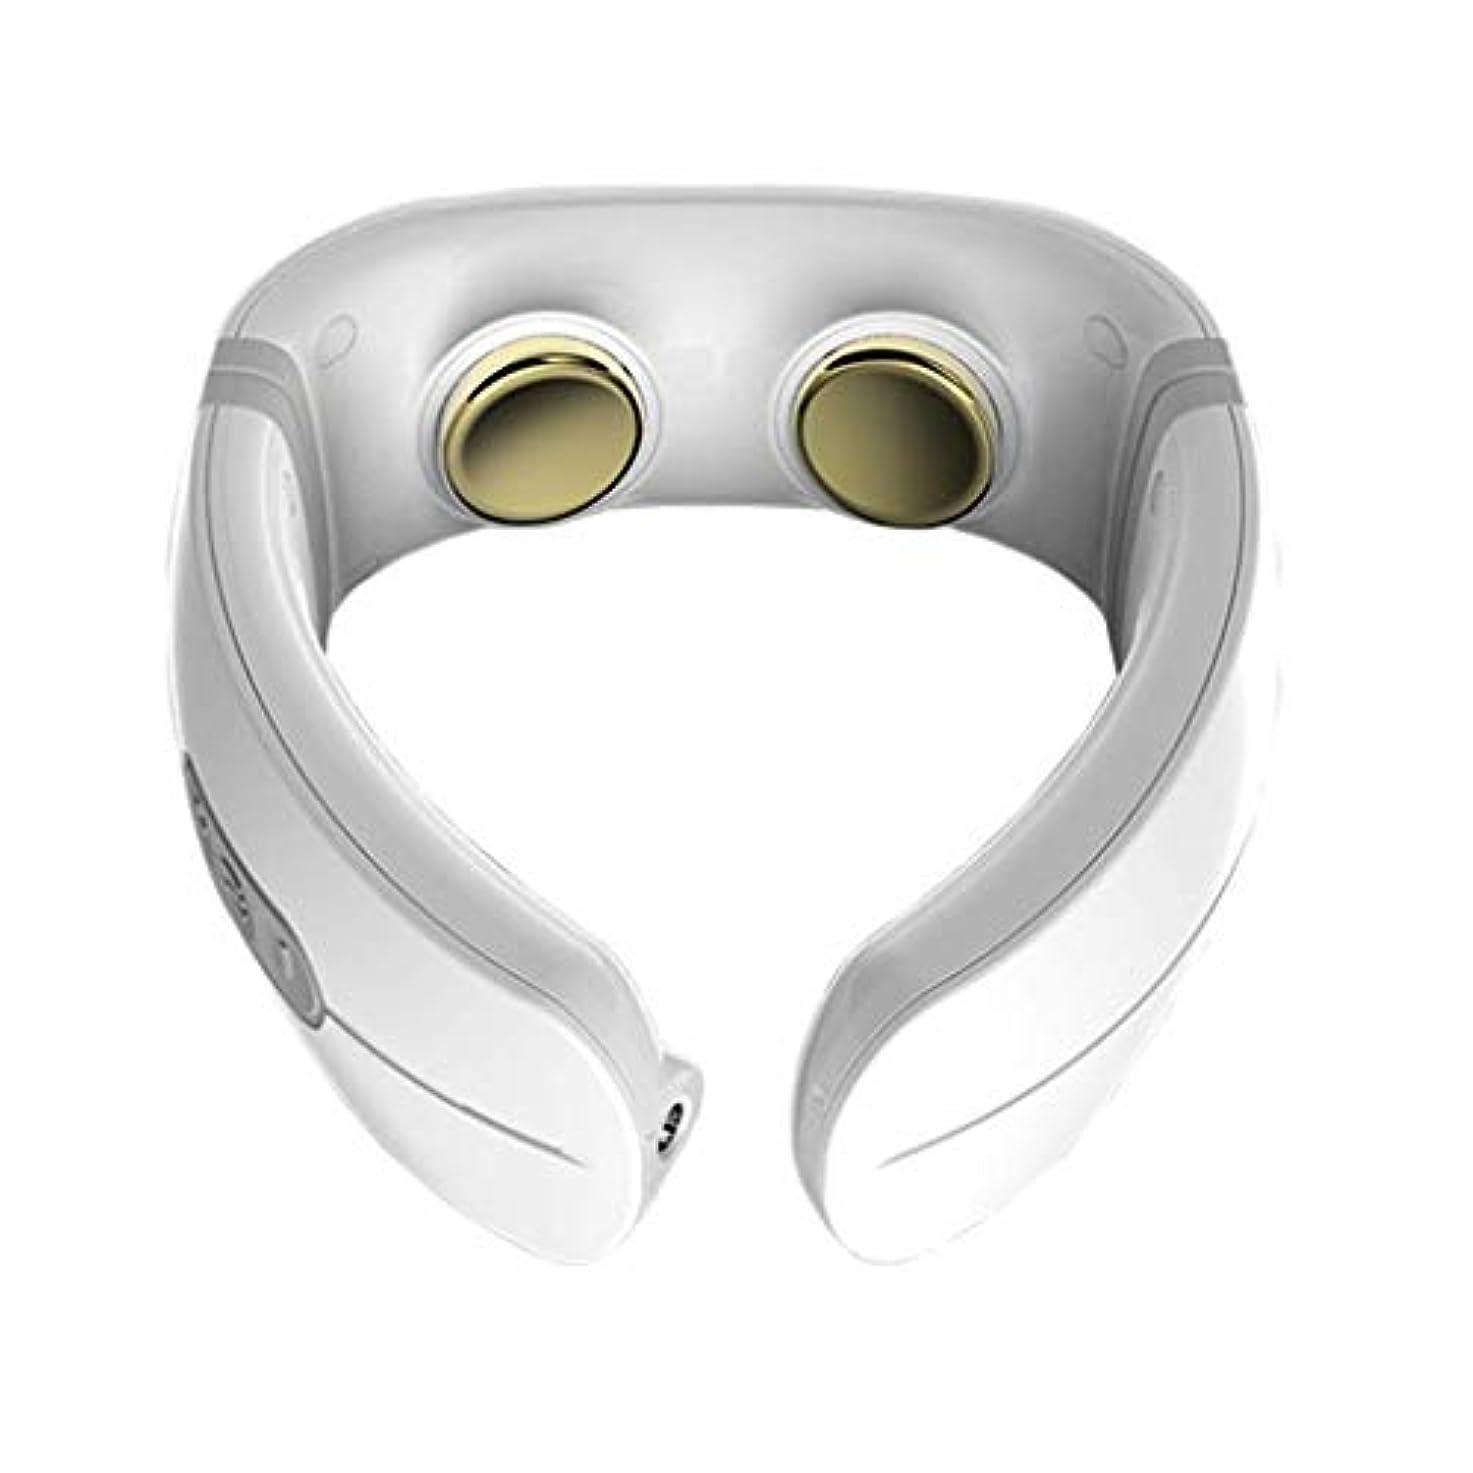 エゴマニアペイン眉をひそめる肩と首のマッサージャー、ポータブルマッサージャー、電気刺激加熱設定、指圧振動深練り、筋肉の弛緩、痛みの緩和、オフィスファミリーカー旅行に使用